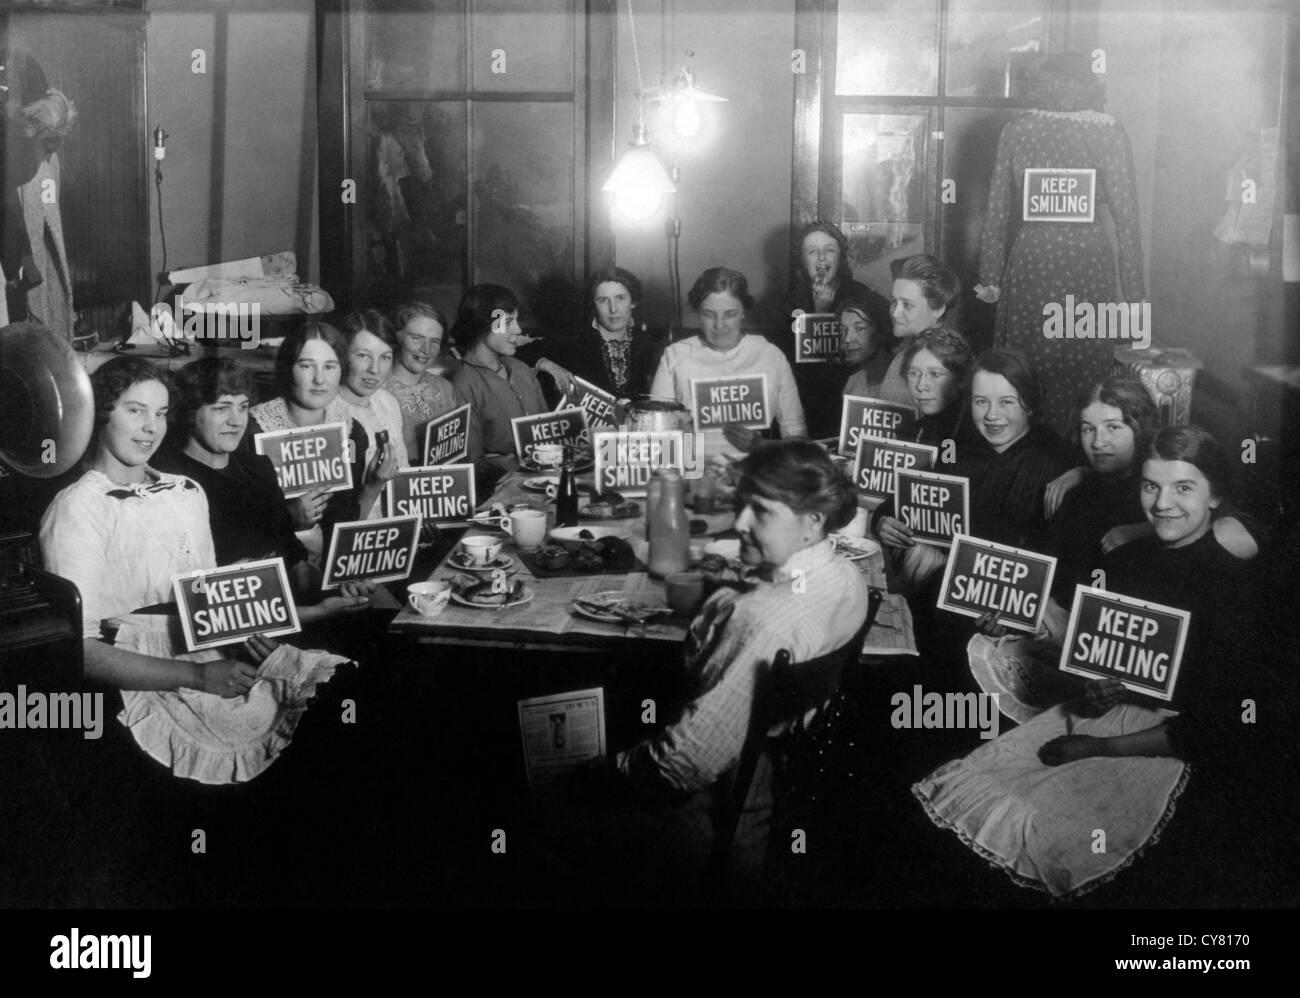 Costureras en el almuerzo, sosteniendo Keep Smiling Signos, circa 1914 Imagen De Stock